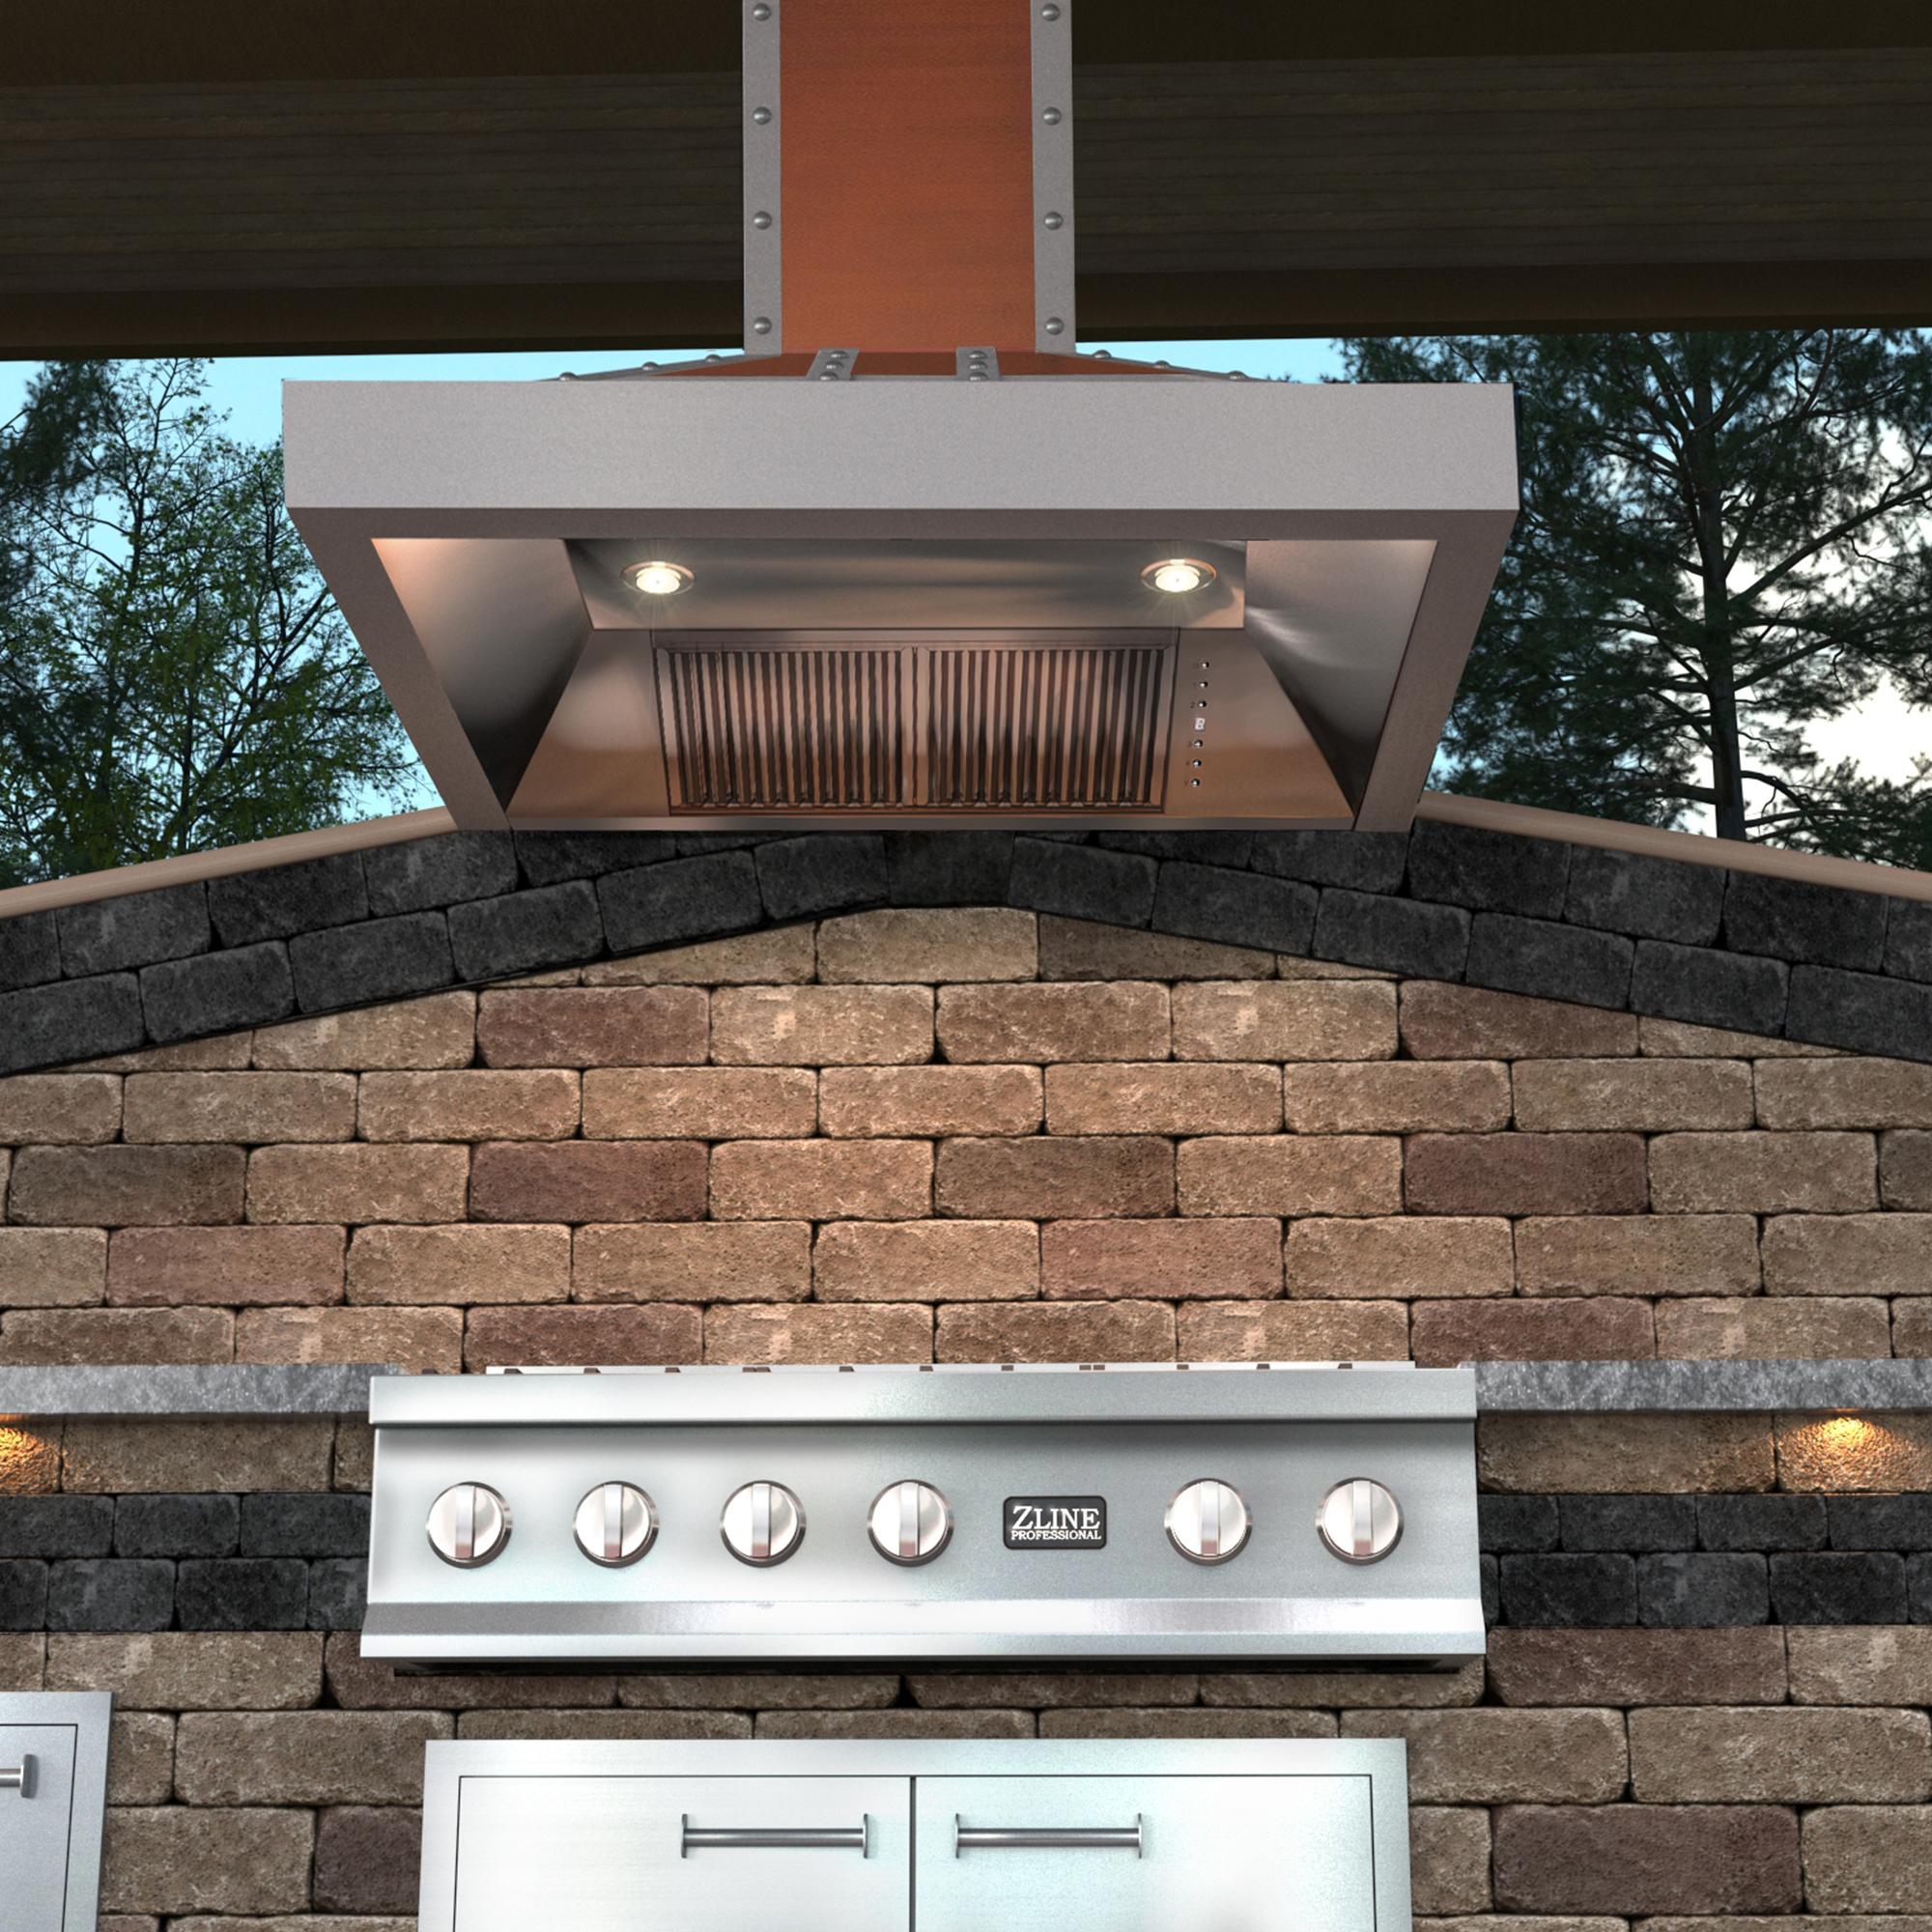 zline-copper-wall-mounted-range-hood-655-CSSSS-outdoor-2.jpg